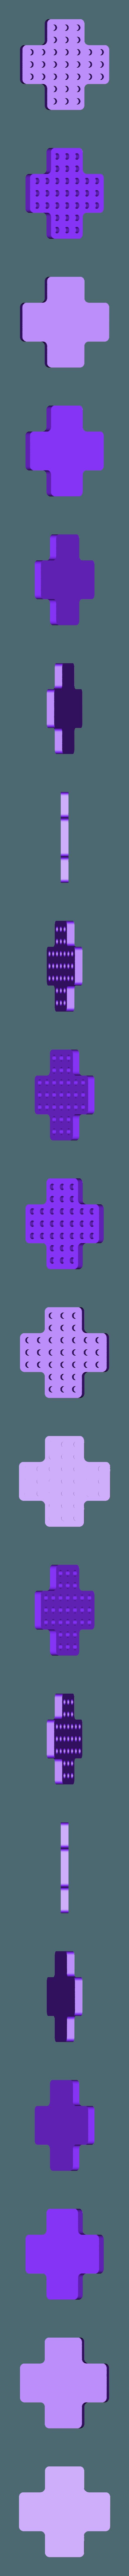 board_plus.stl Télécharger fichier SCAD gratuit Peg solitaire : plus et triangle • Design pour imprimante 3D, arpruss